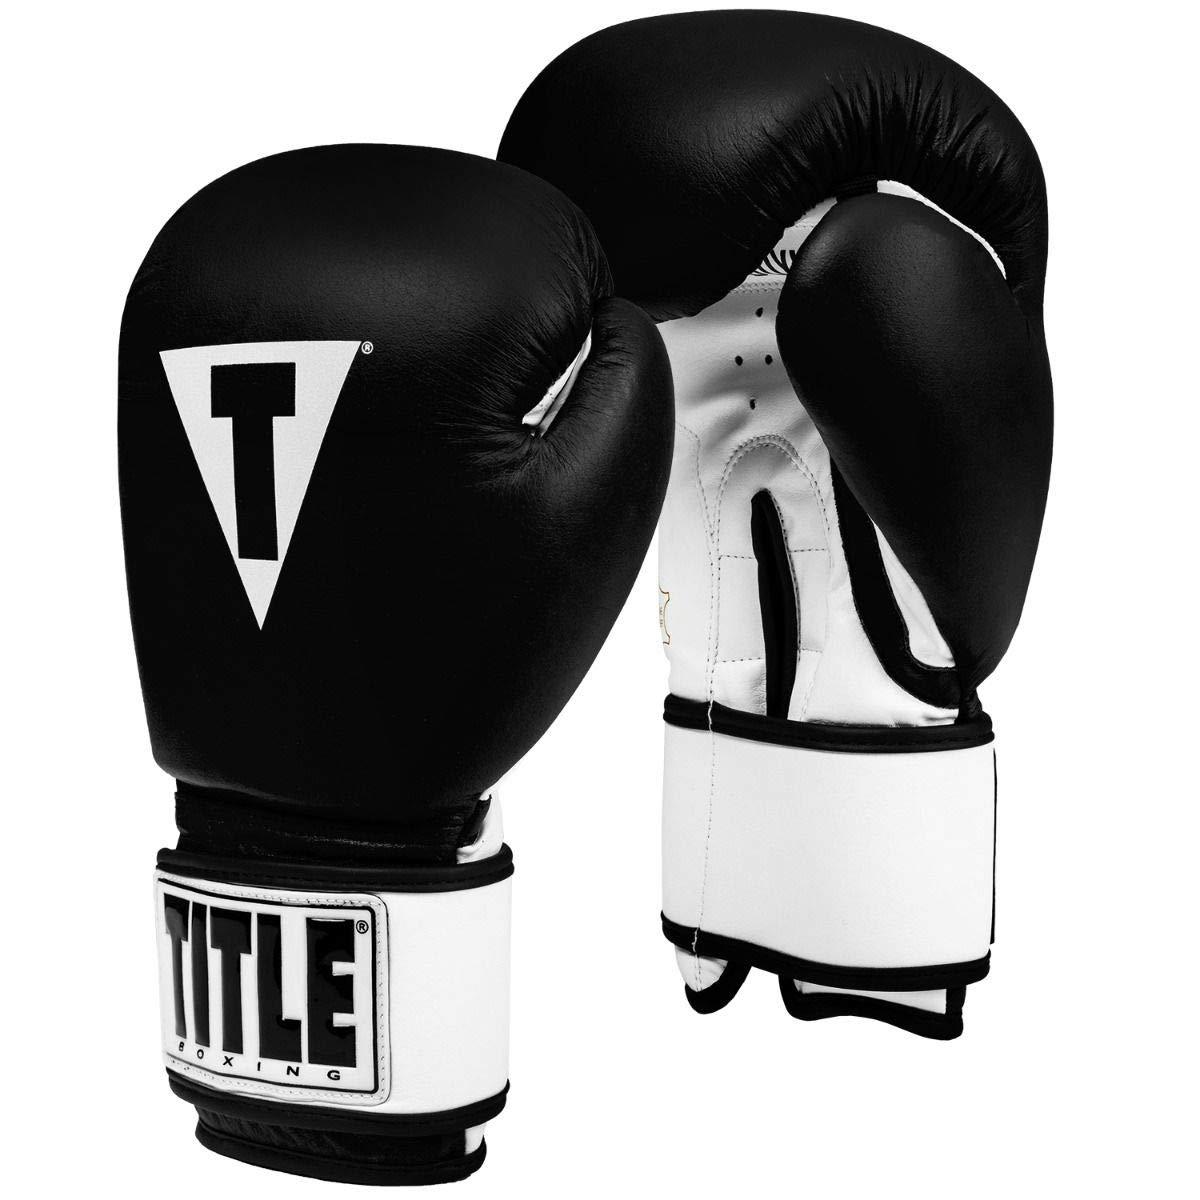 タイトルプレミアレザーSuper Bag Gloves 2.0 B07B9LW2TN ブルー/ホワイト X-Large